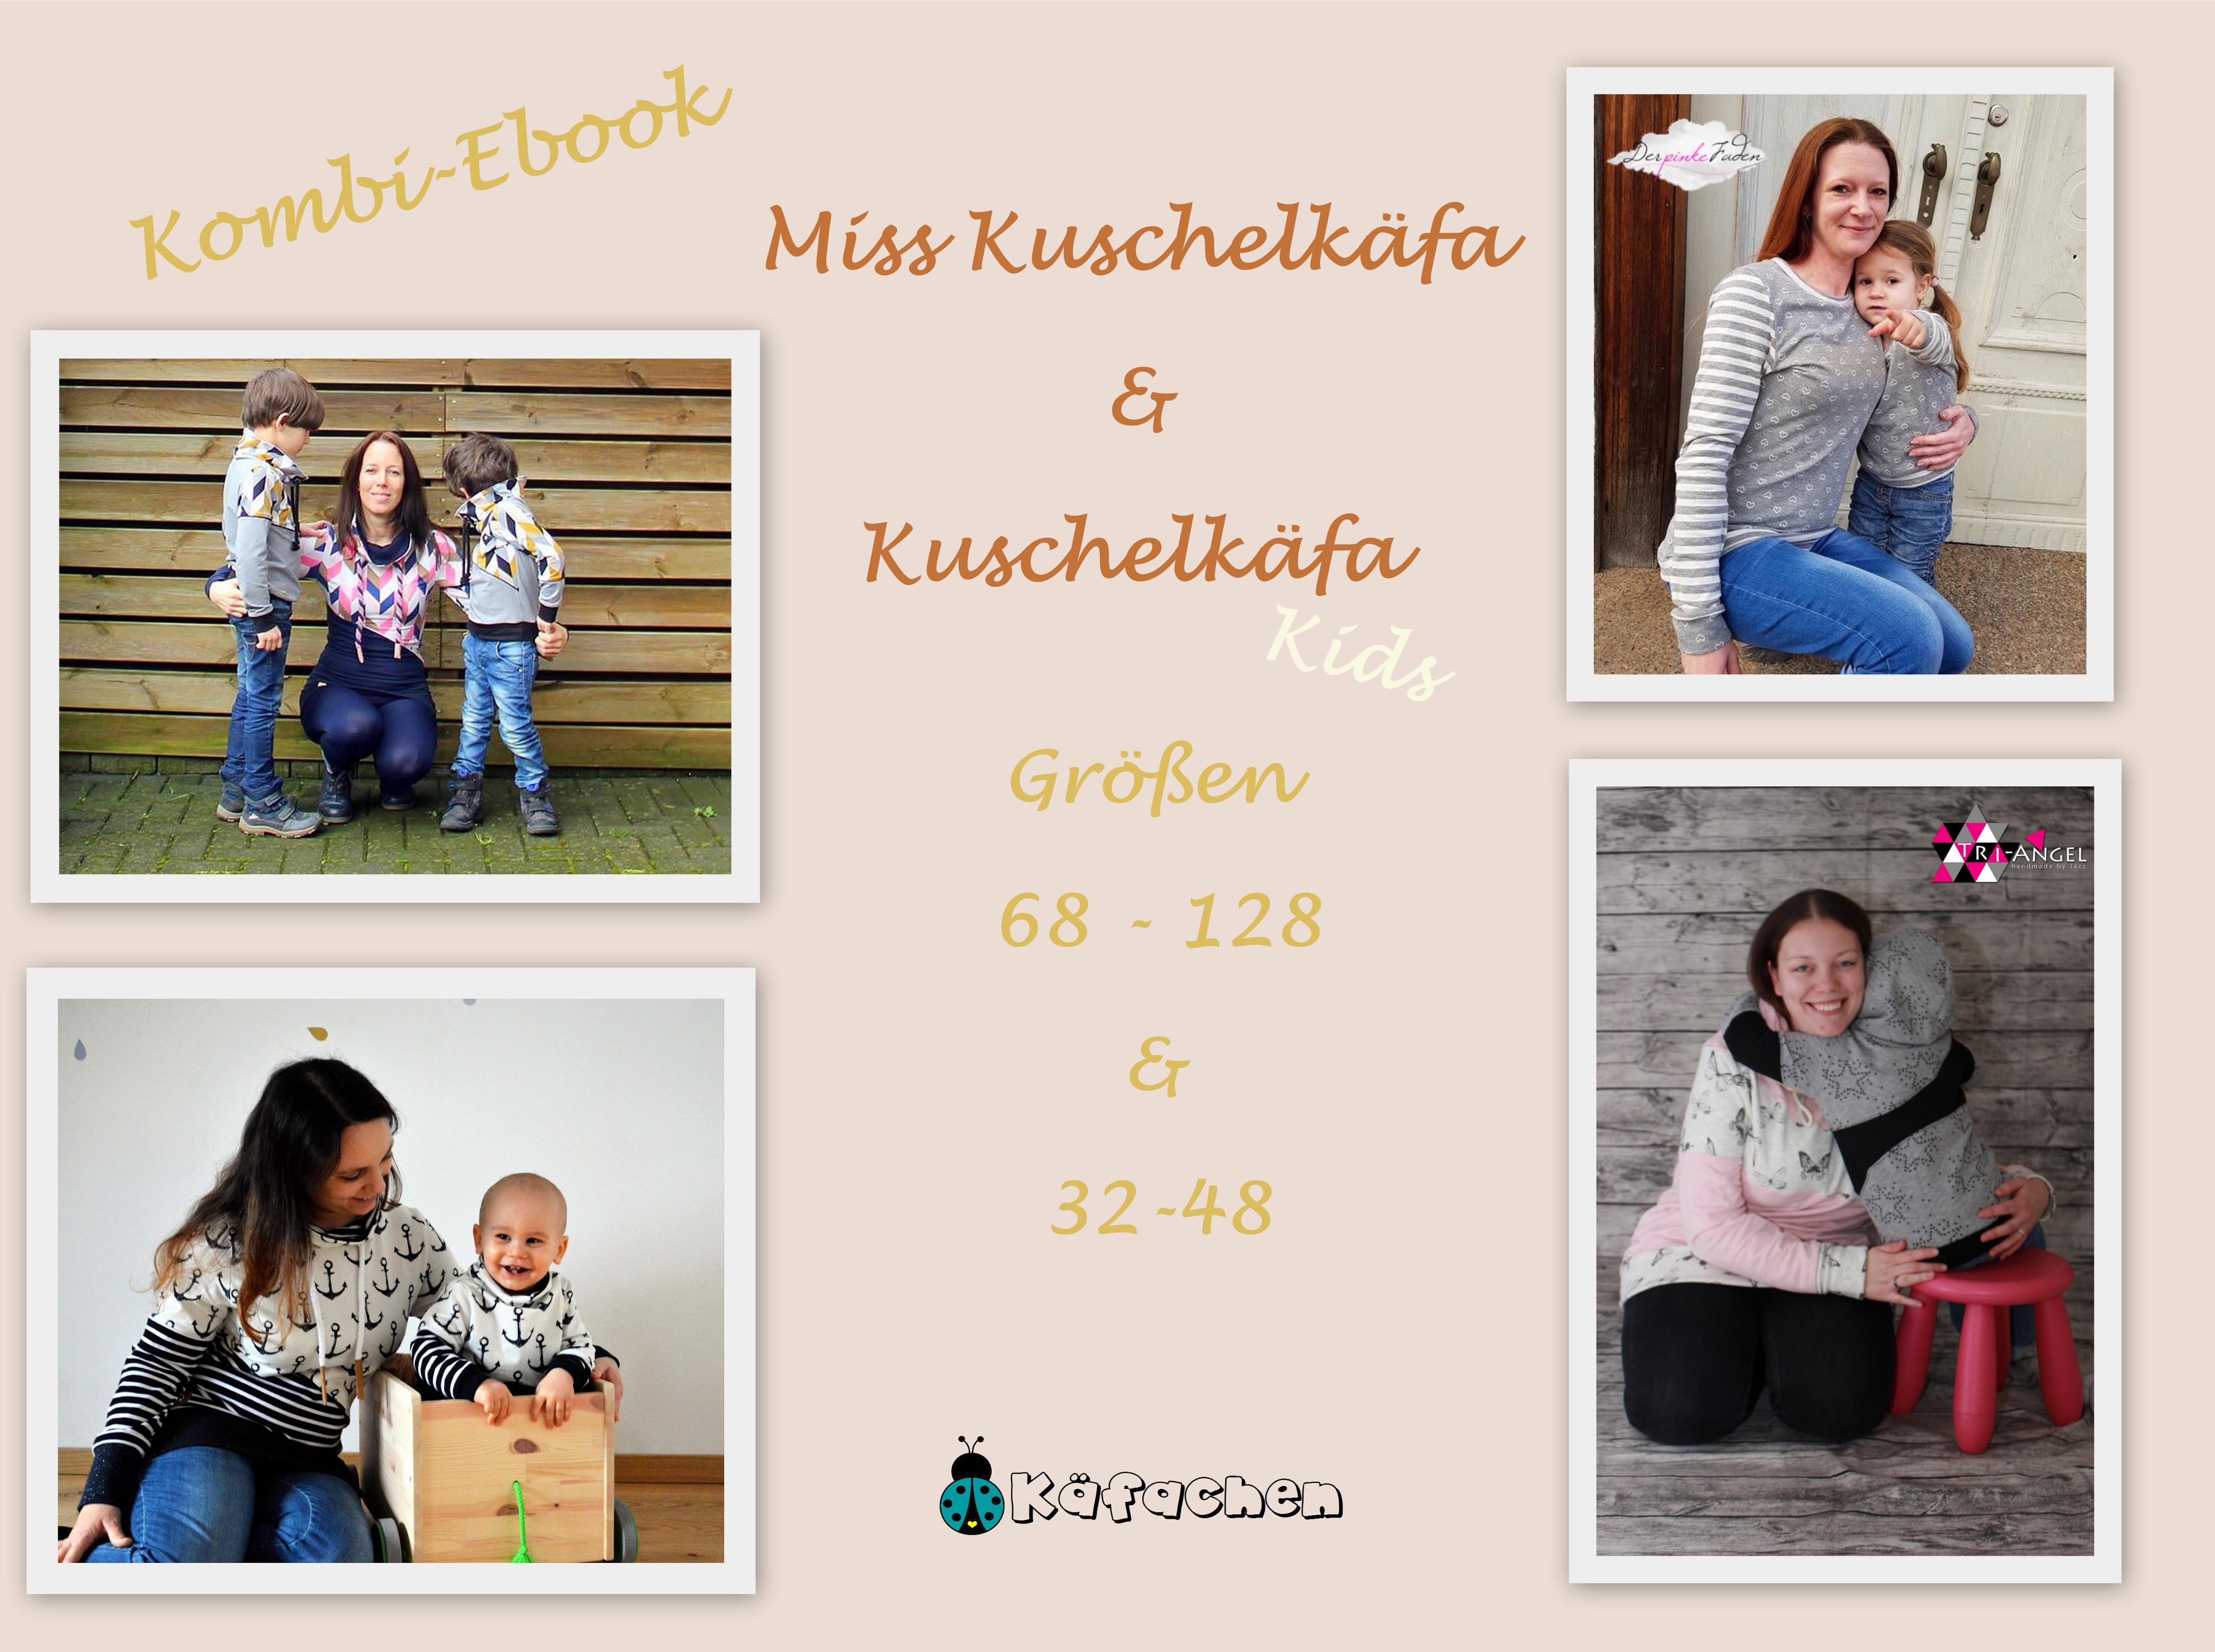 KOMBI (Miss) Kuschelkäfa Kids